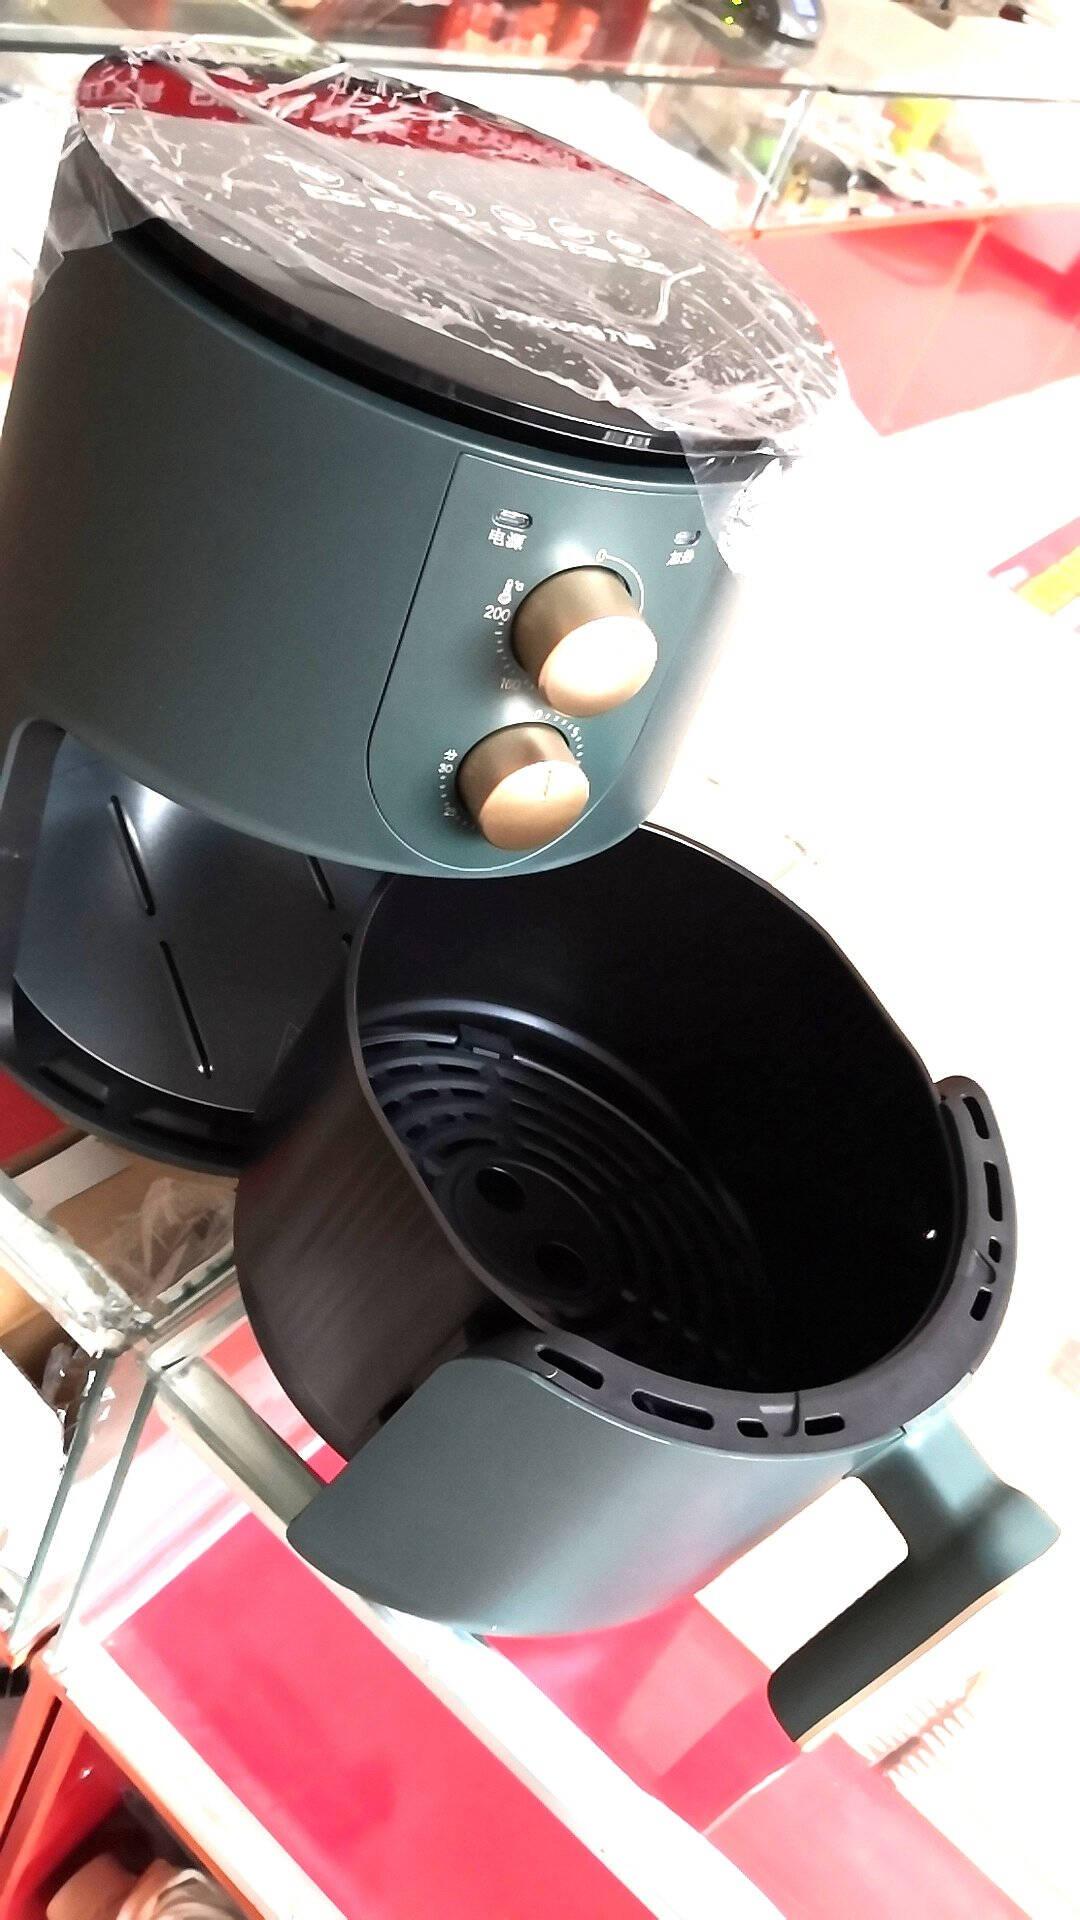 九阳Joyoung空气炸锅家用智能4.5L大容量不沾易清洗准确定时无油煎炸薯条机KL45-VF501